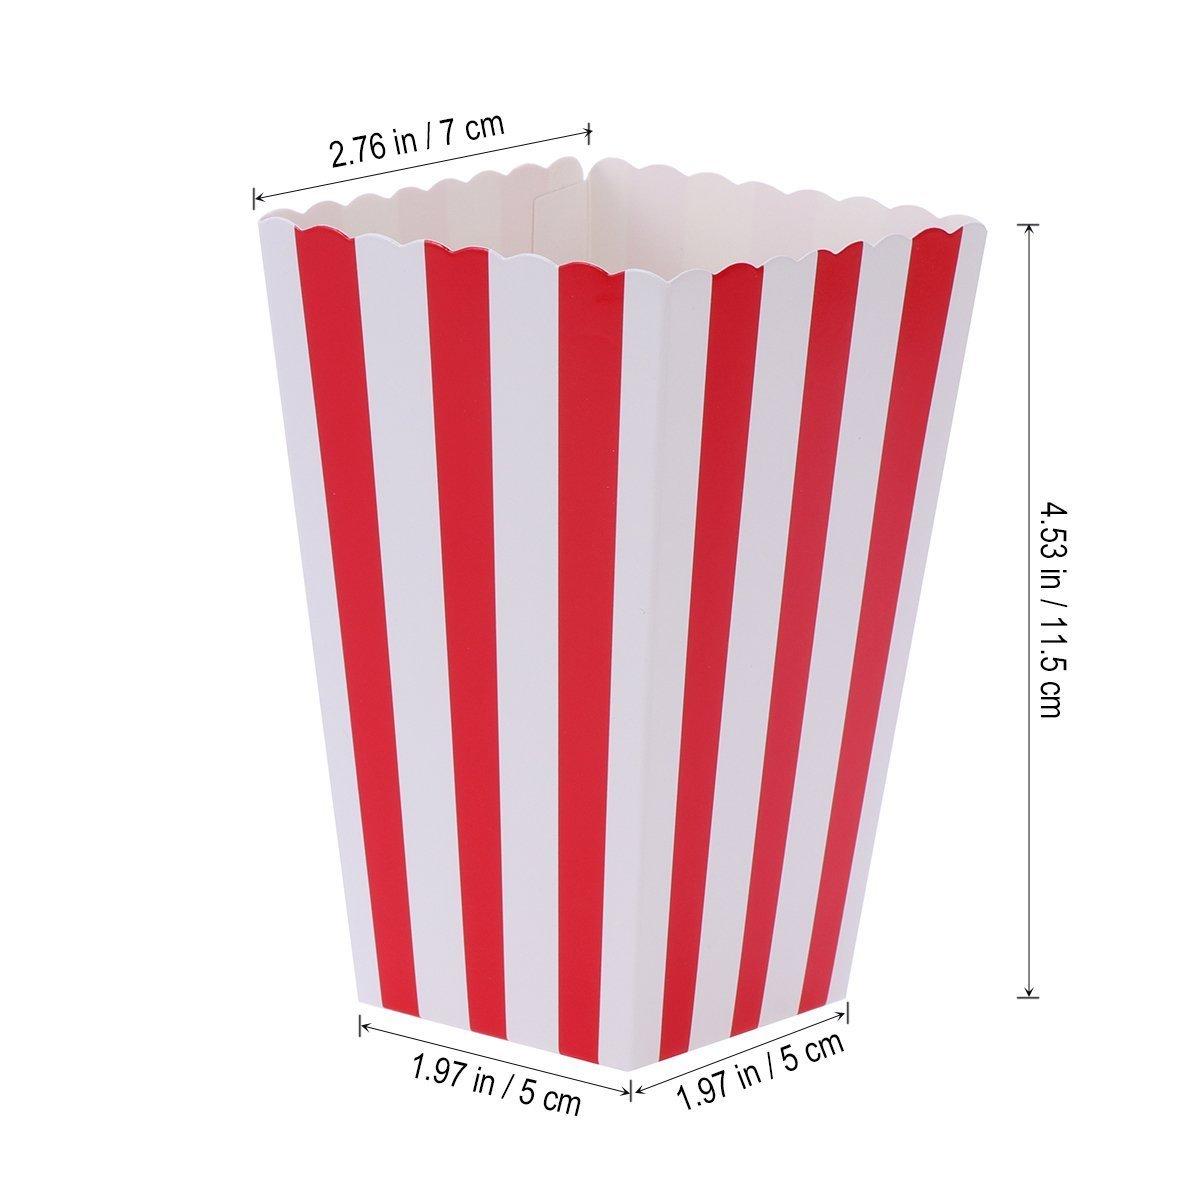 Cajas de Palomitas, Ouinne 24PCS Popcorn Boxes Maíz Envases del Sostenedor Cajas de Cartón de Bolsas de Papel para el Partido (Rojo): Amazon.es: Juguetes y ...